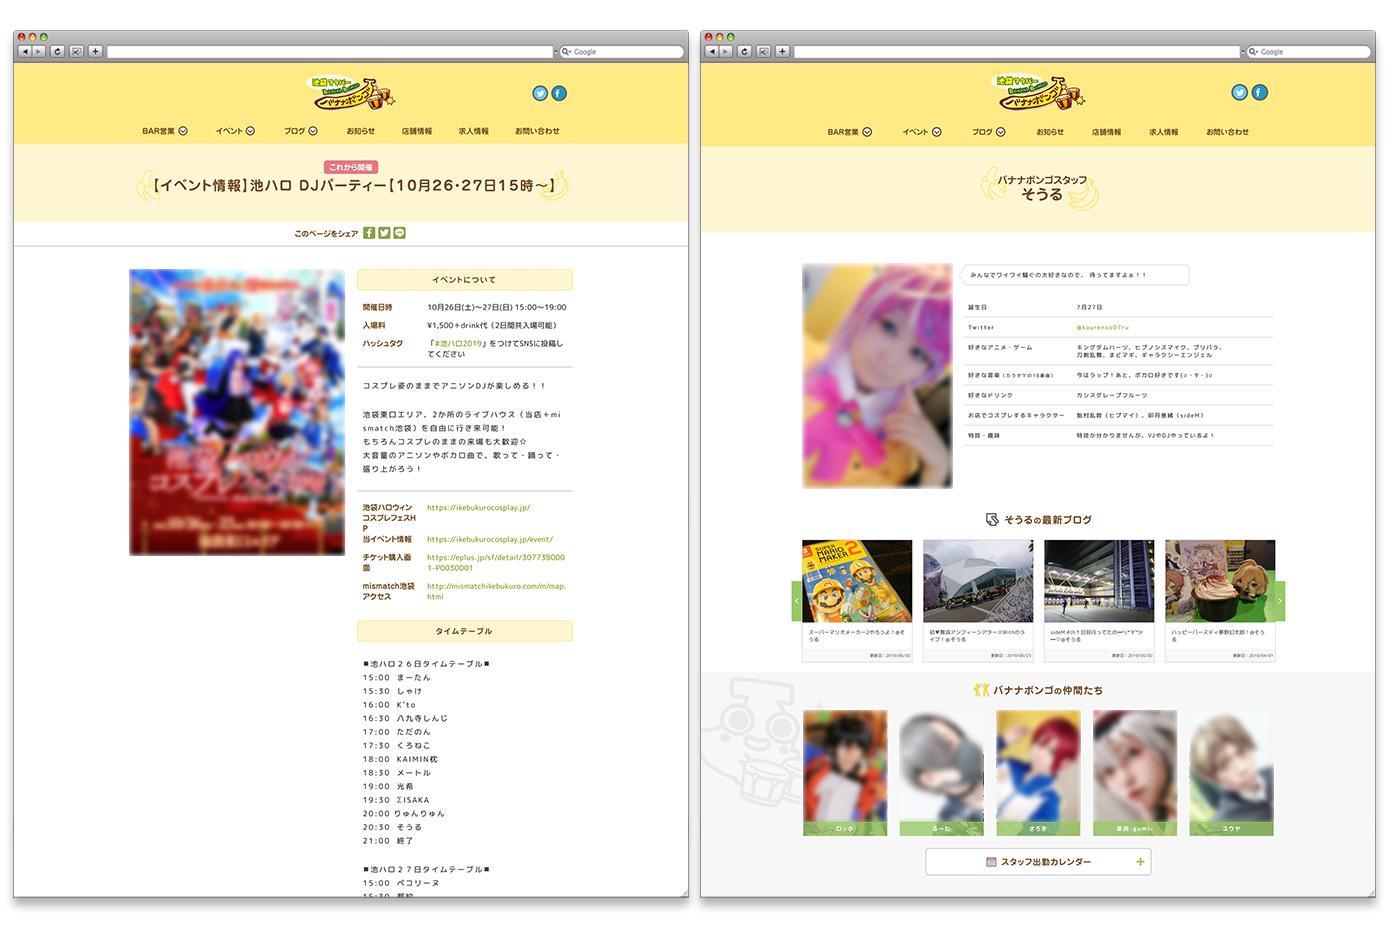 オタクバーのホームページ制作事例 PC表示